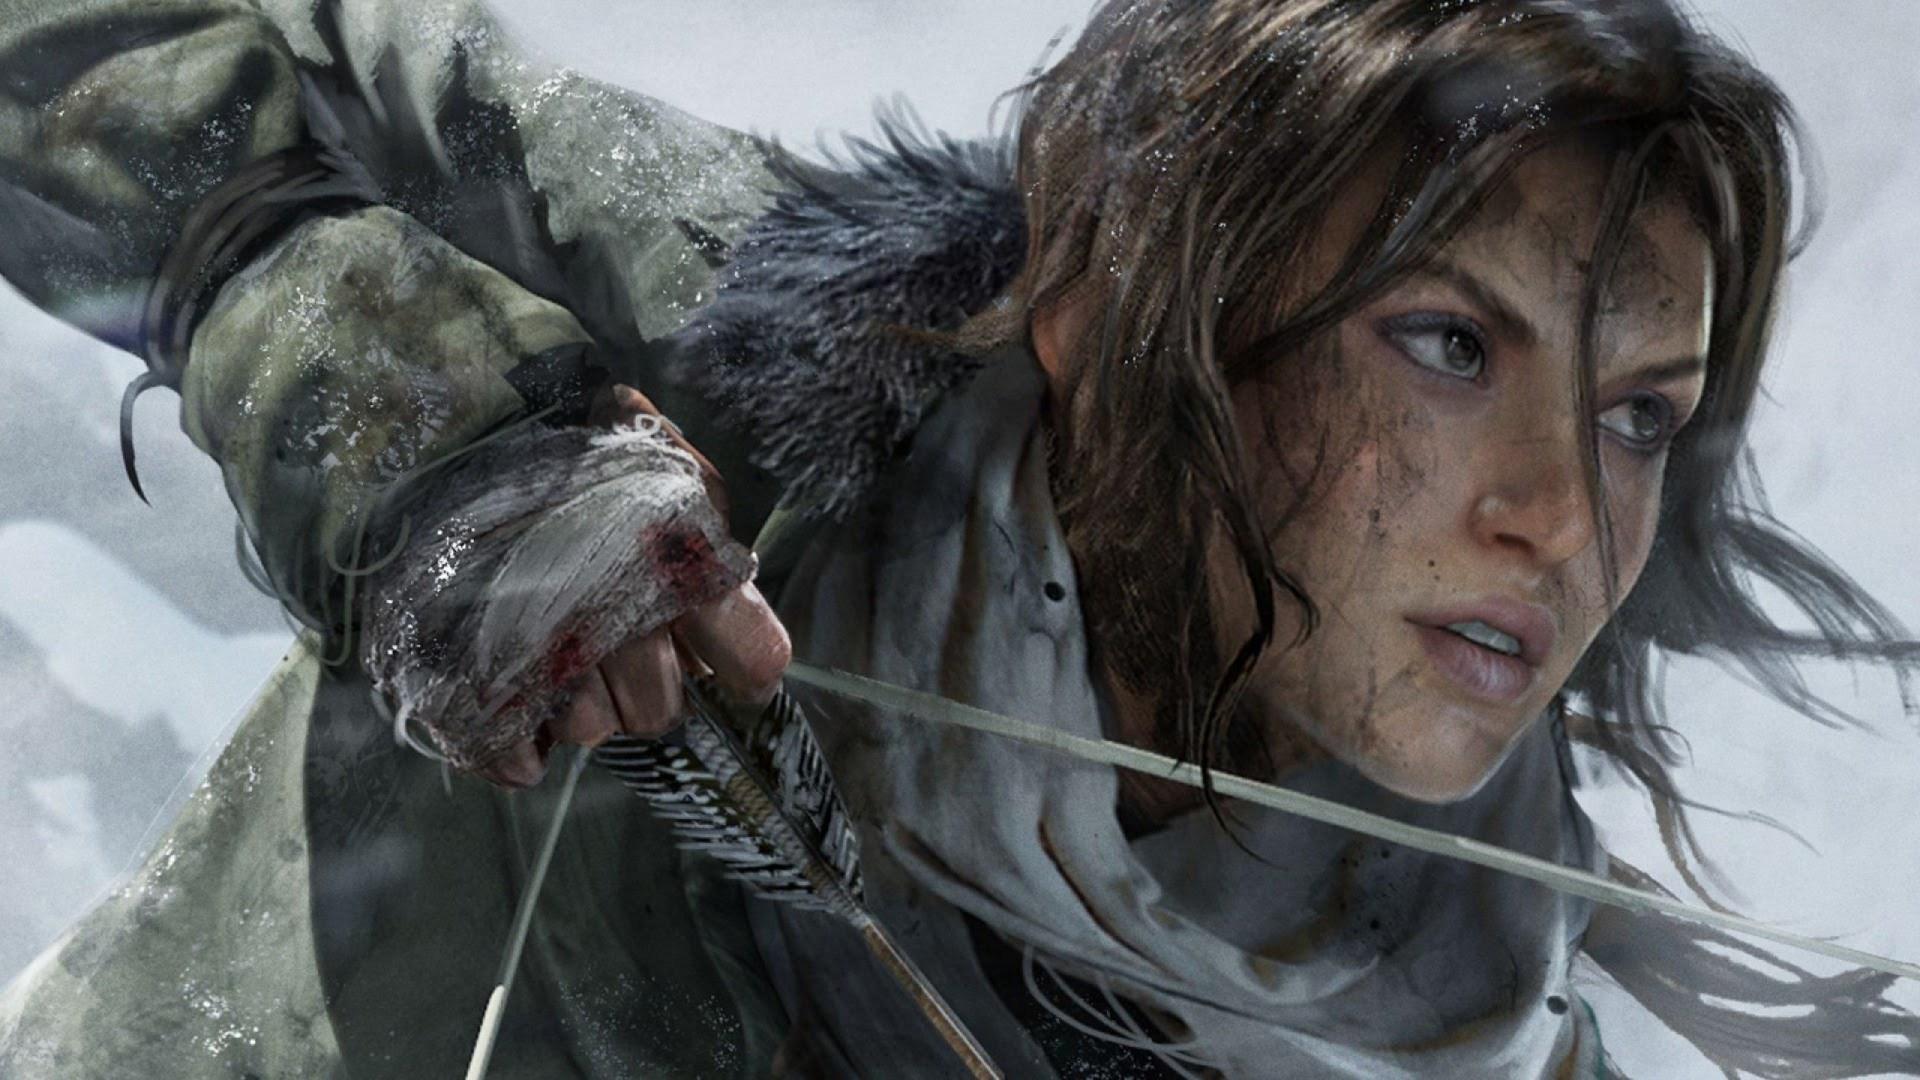 Tomb Raider Hd Wallpaper